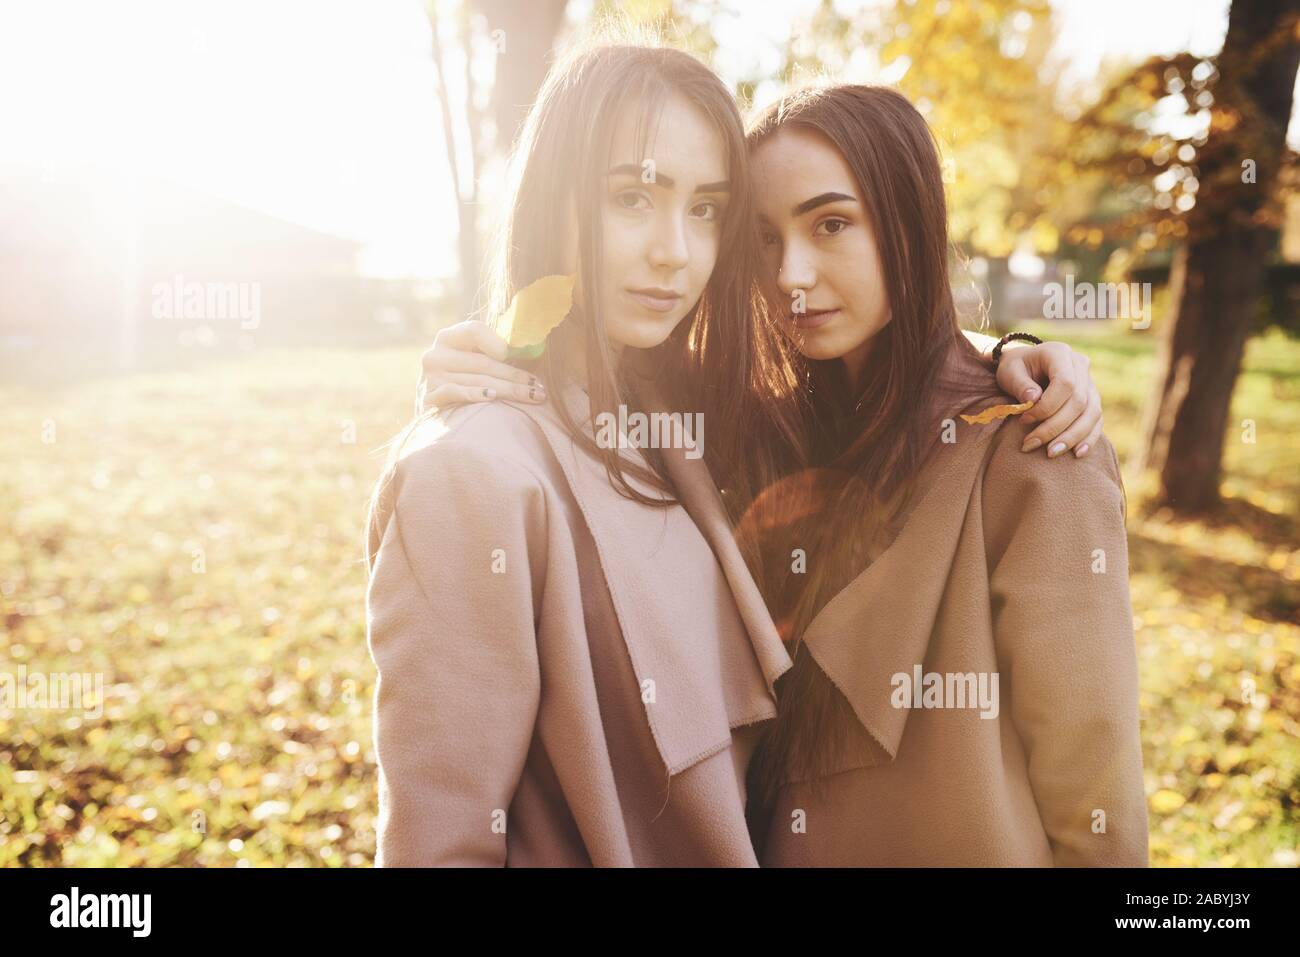 Junge brunette Doppel Mädchen sehr nahe stehen, Miteinander, Hand in Hand mit Blättern, die auf ihren Schultern, legere Mantel, berühren Köpfe Stockfoto